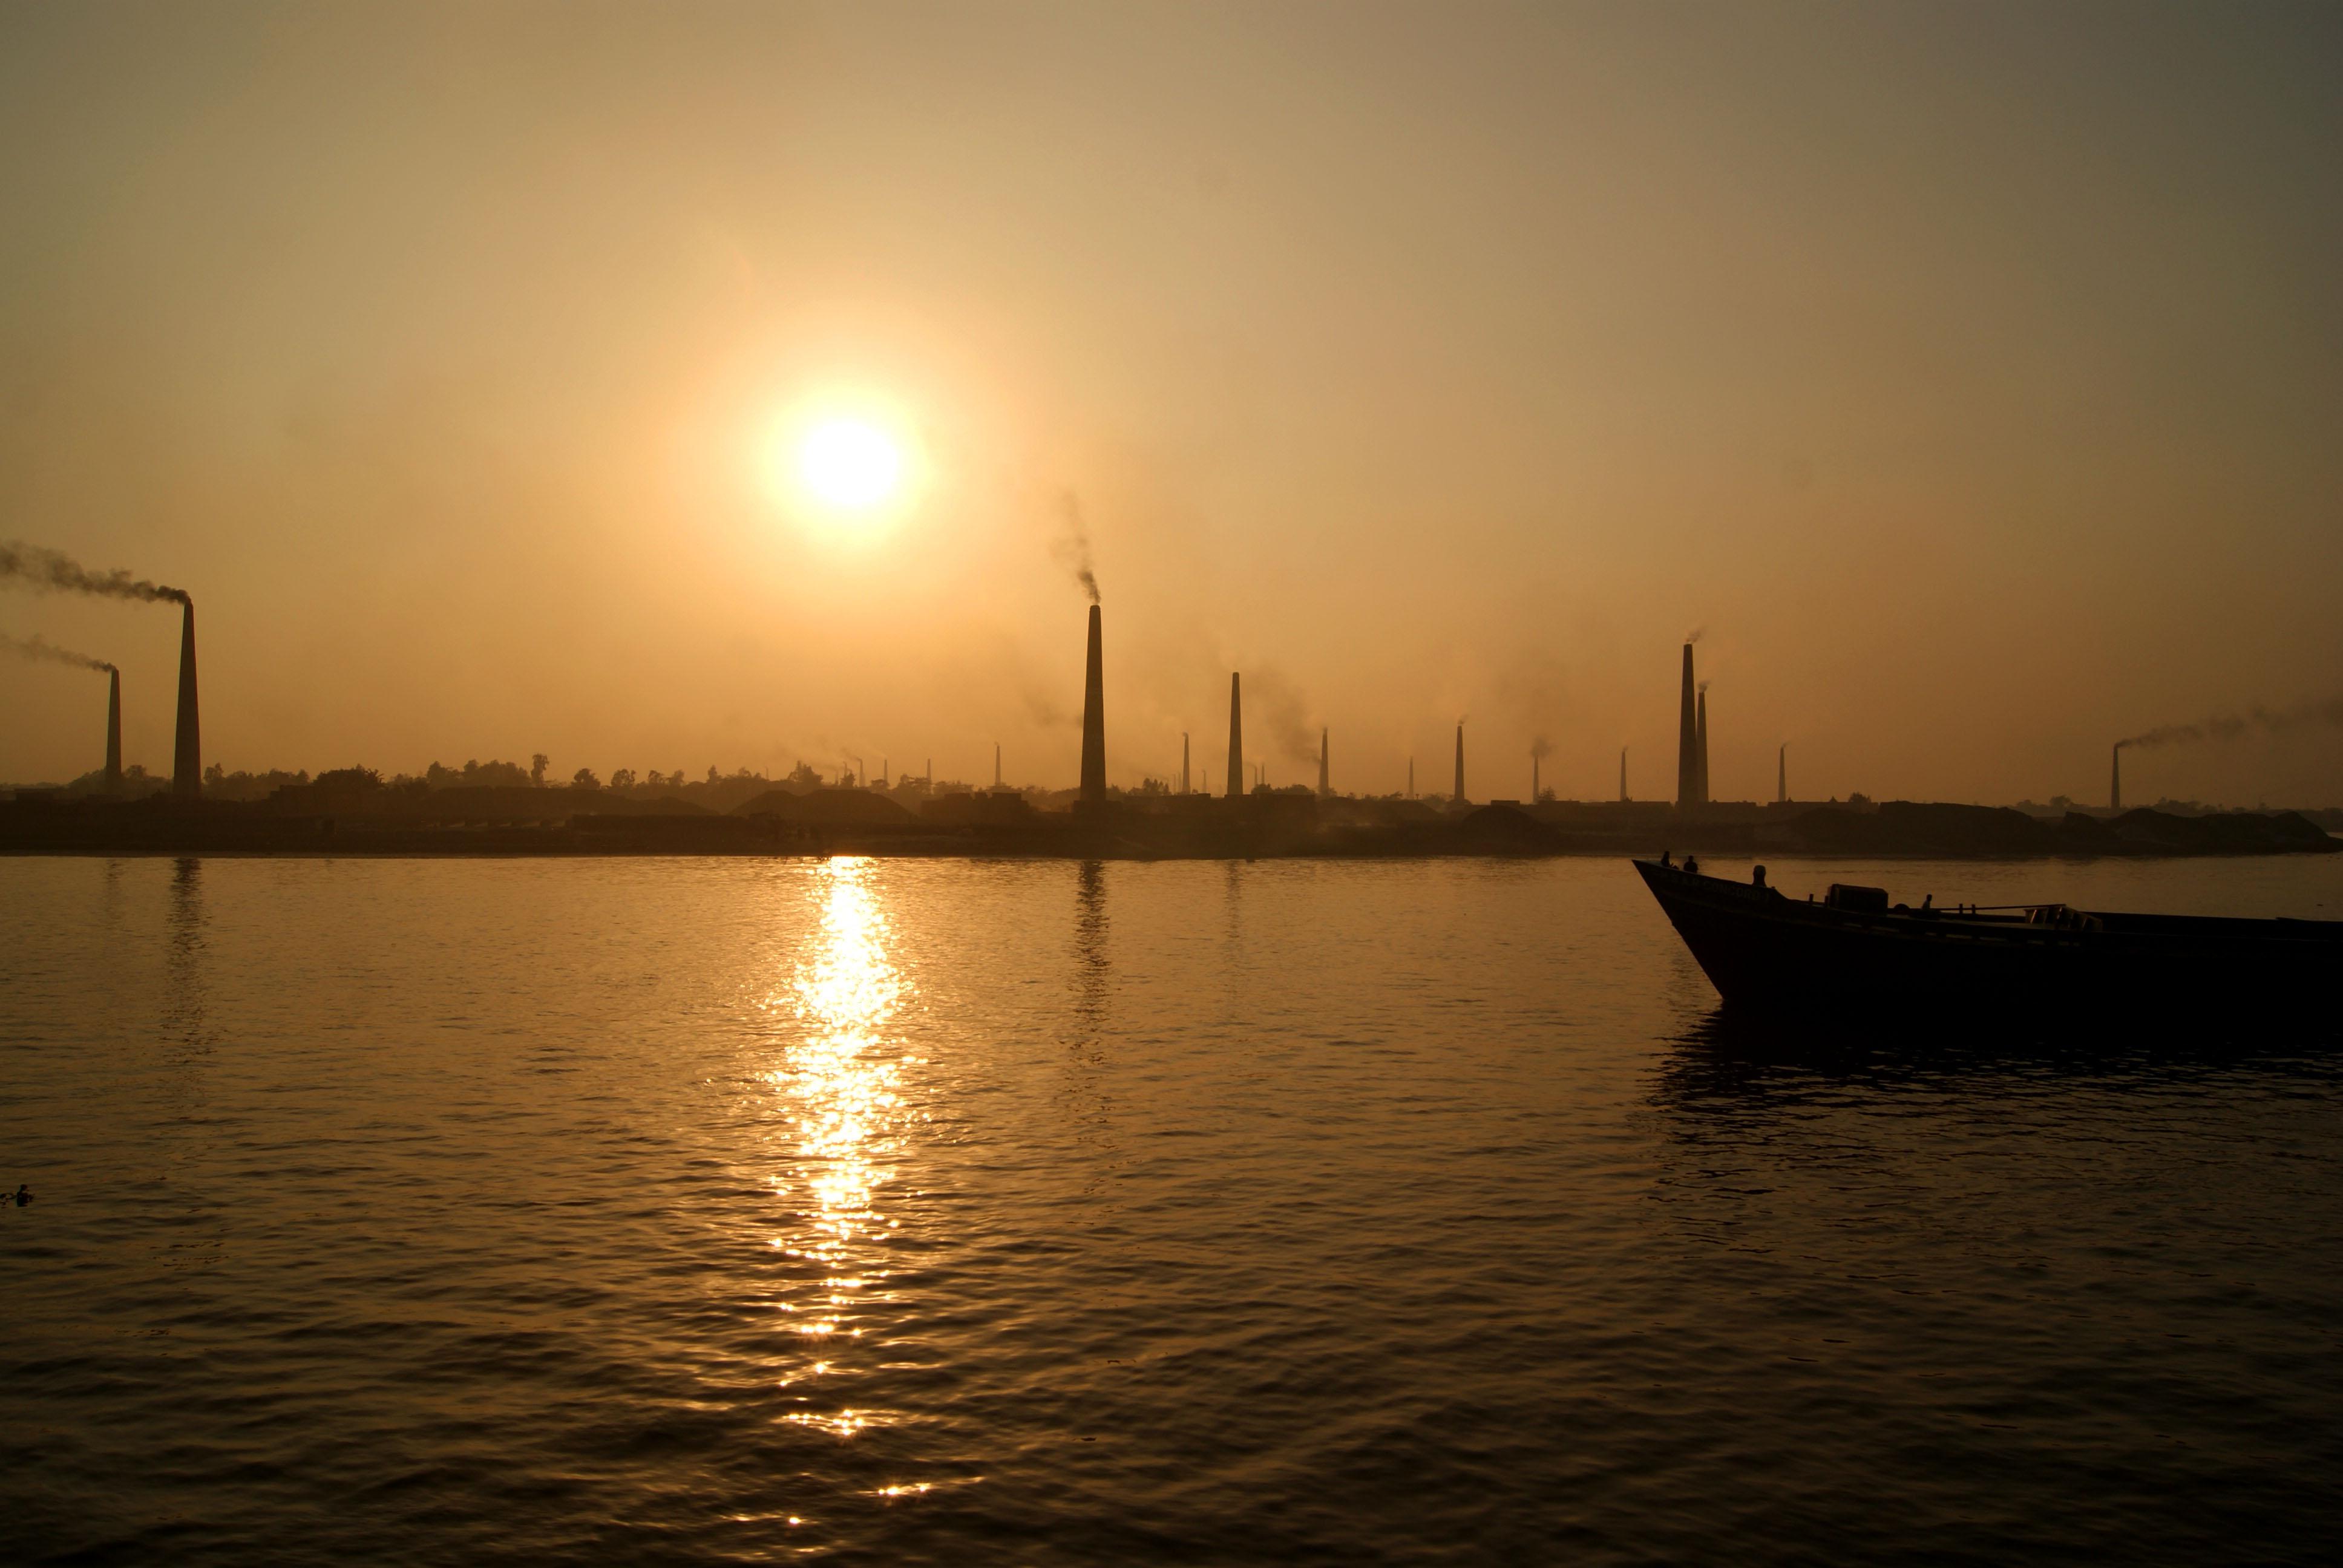 首页 ppt背景 风景ppt背景图片 > 孟加拉ppt背景图片  下载地址